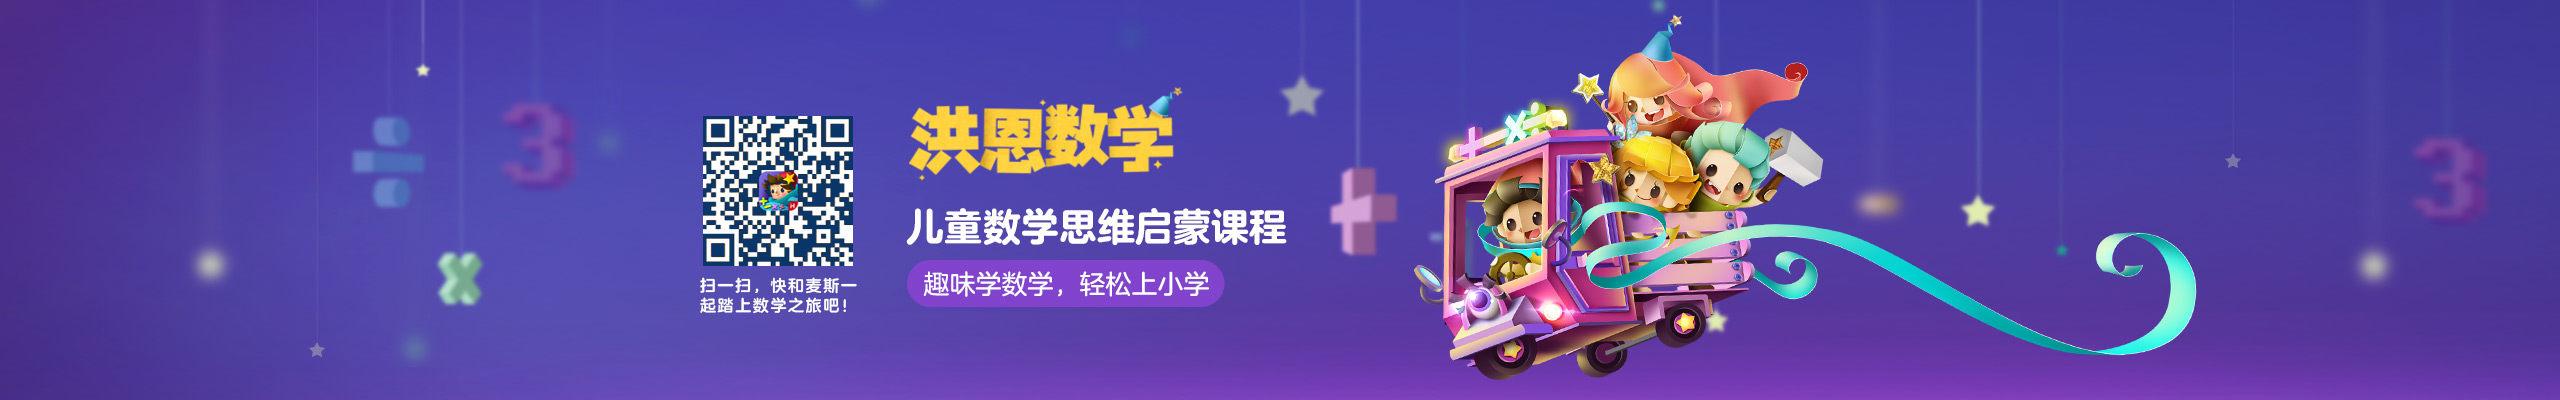 火竞猜app-火竞猜下载-火竞猜ggcarry官网数学 app